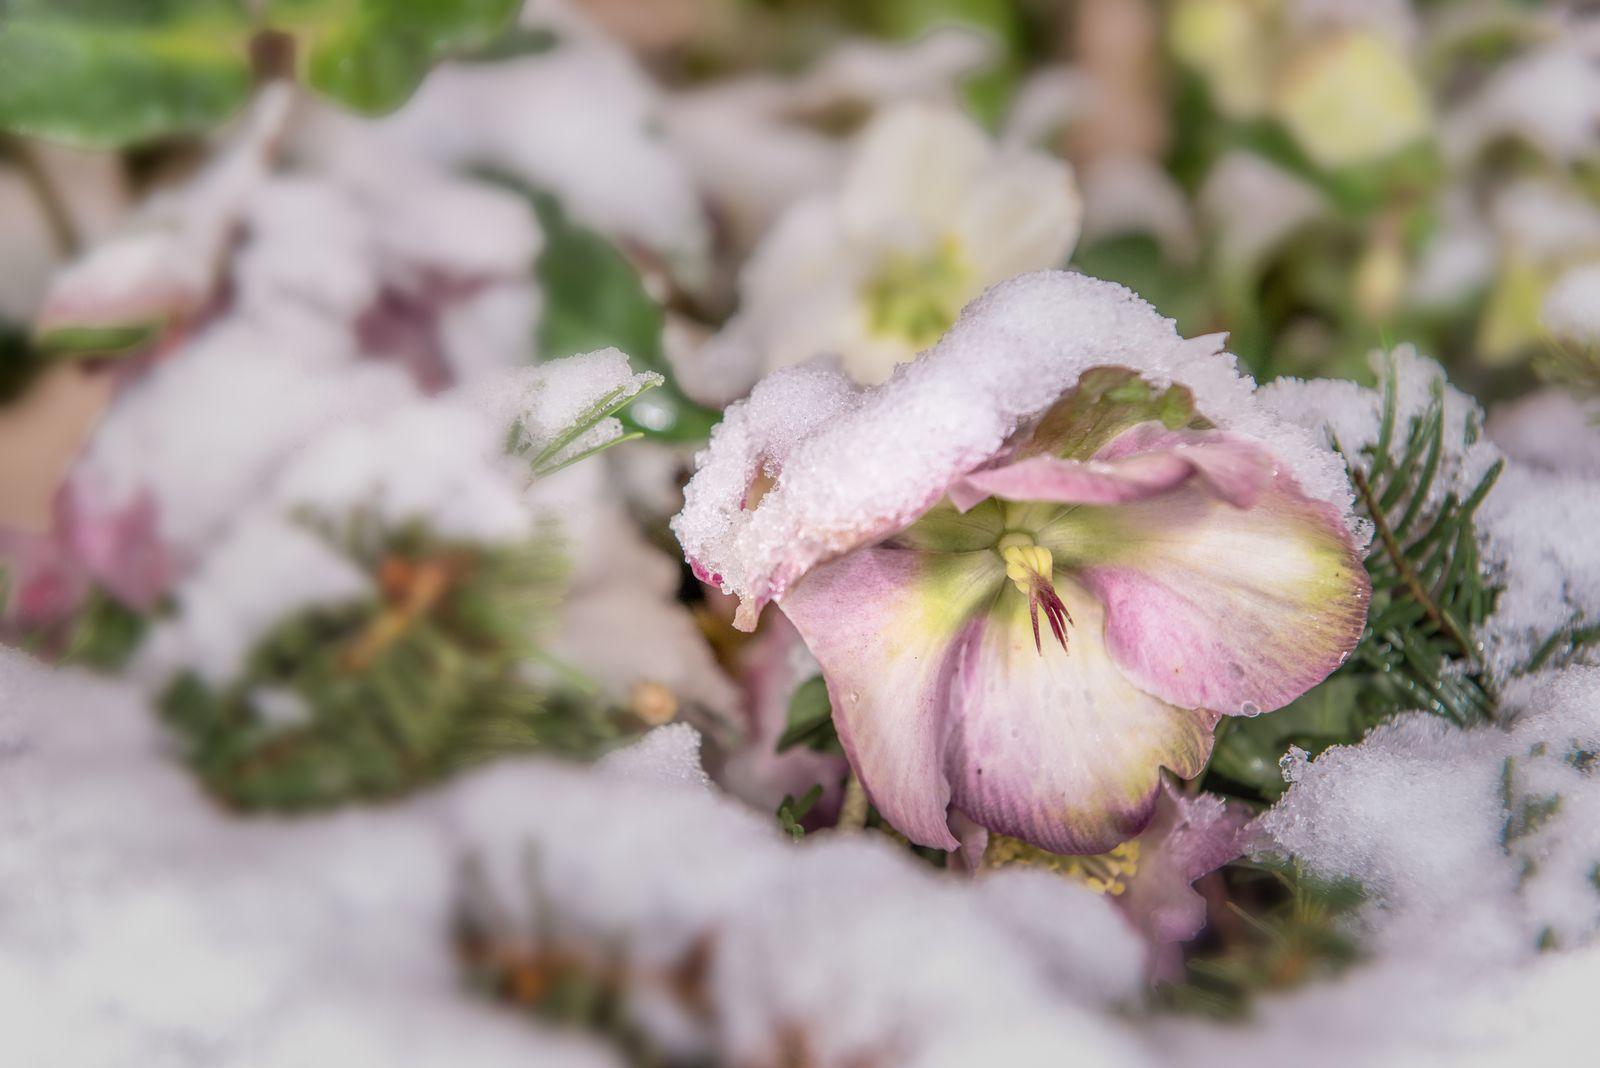 Winterharte Blumen Die Robusten Top 10 Für Ihren Garten Plantura